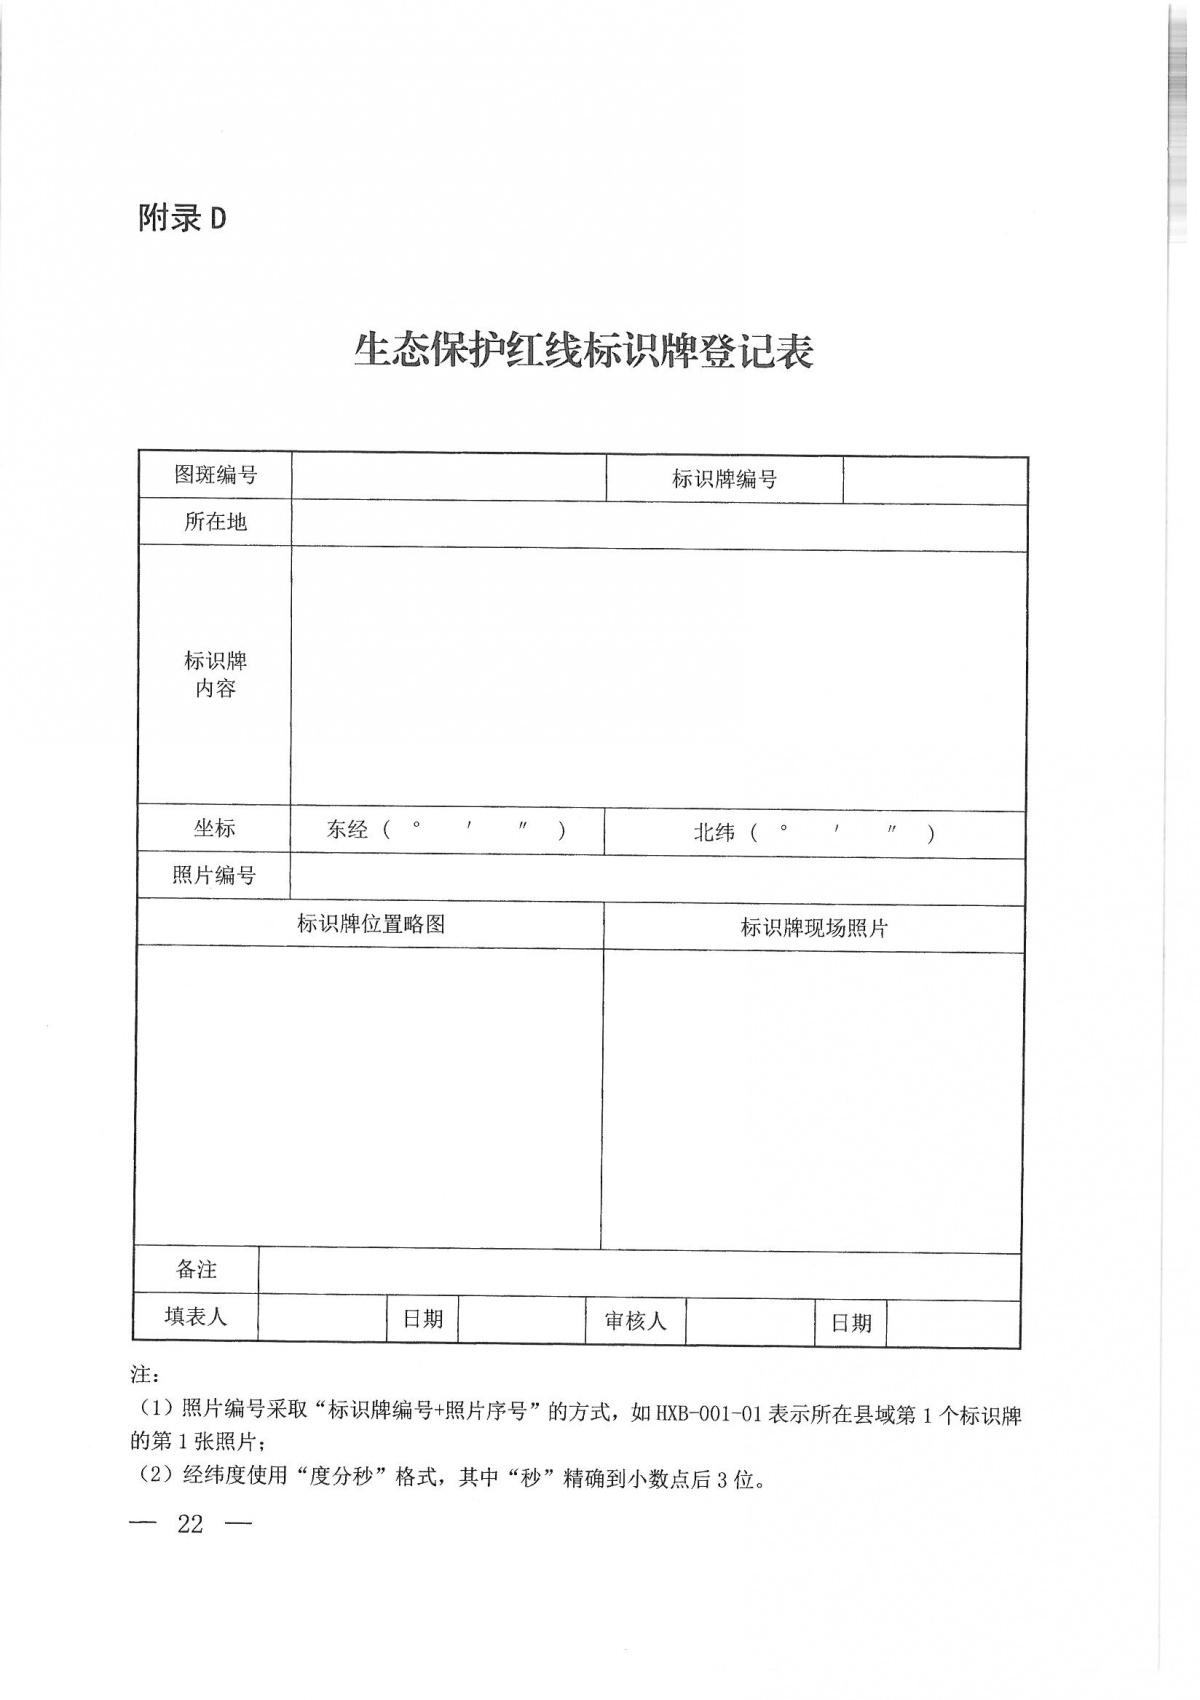 生态保护红线勘界定标技术规程(201908)_页面_20.jpg